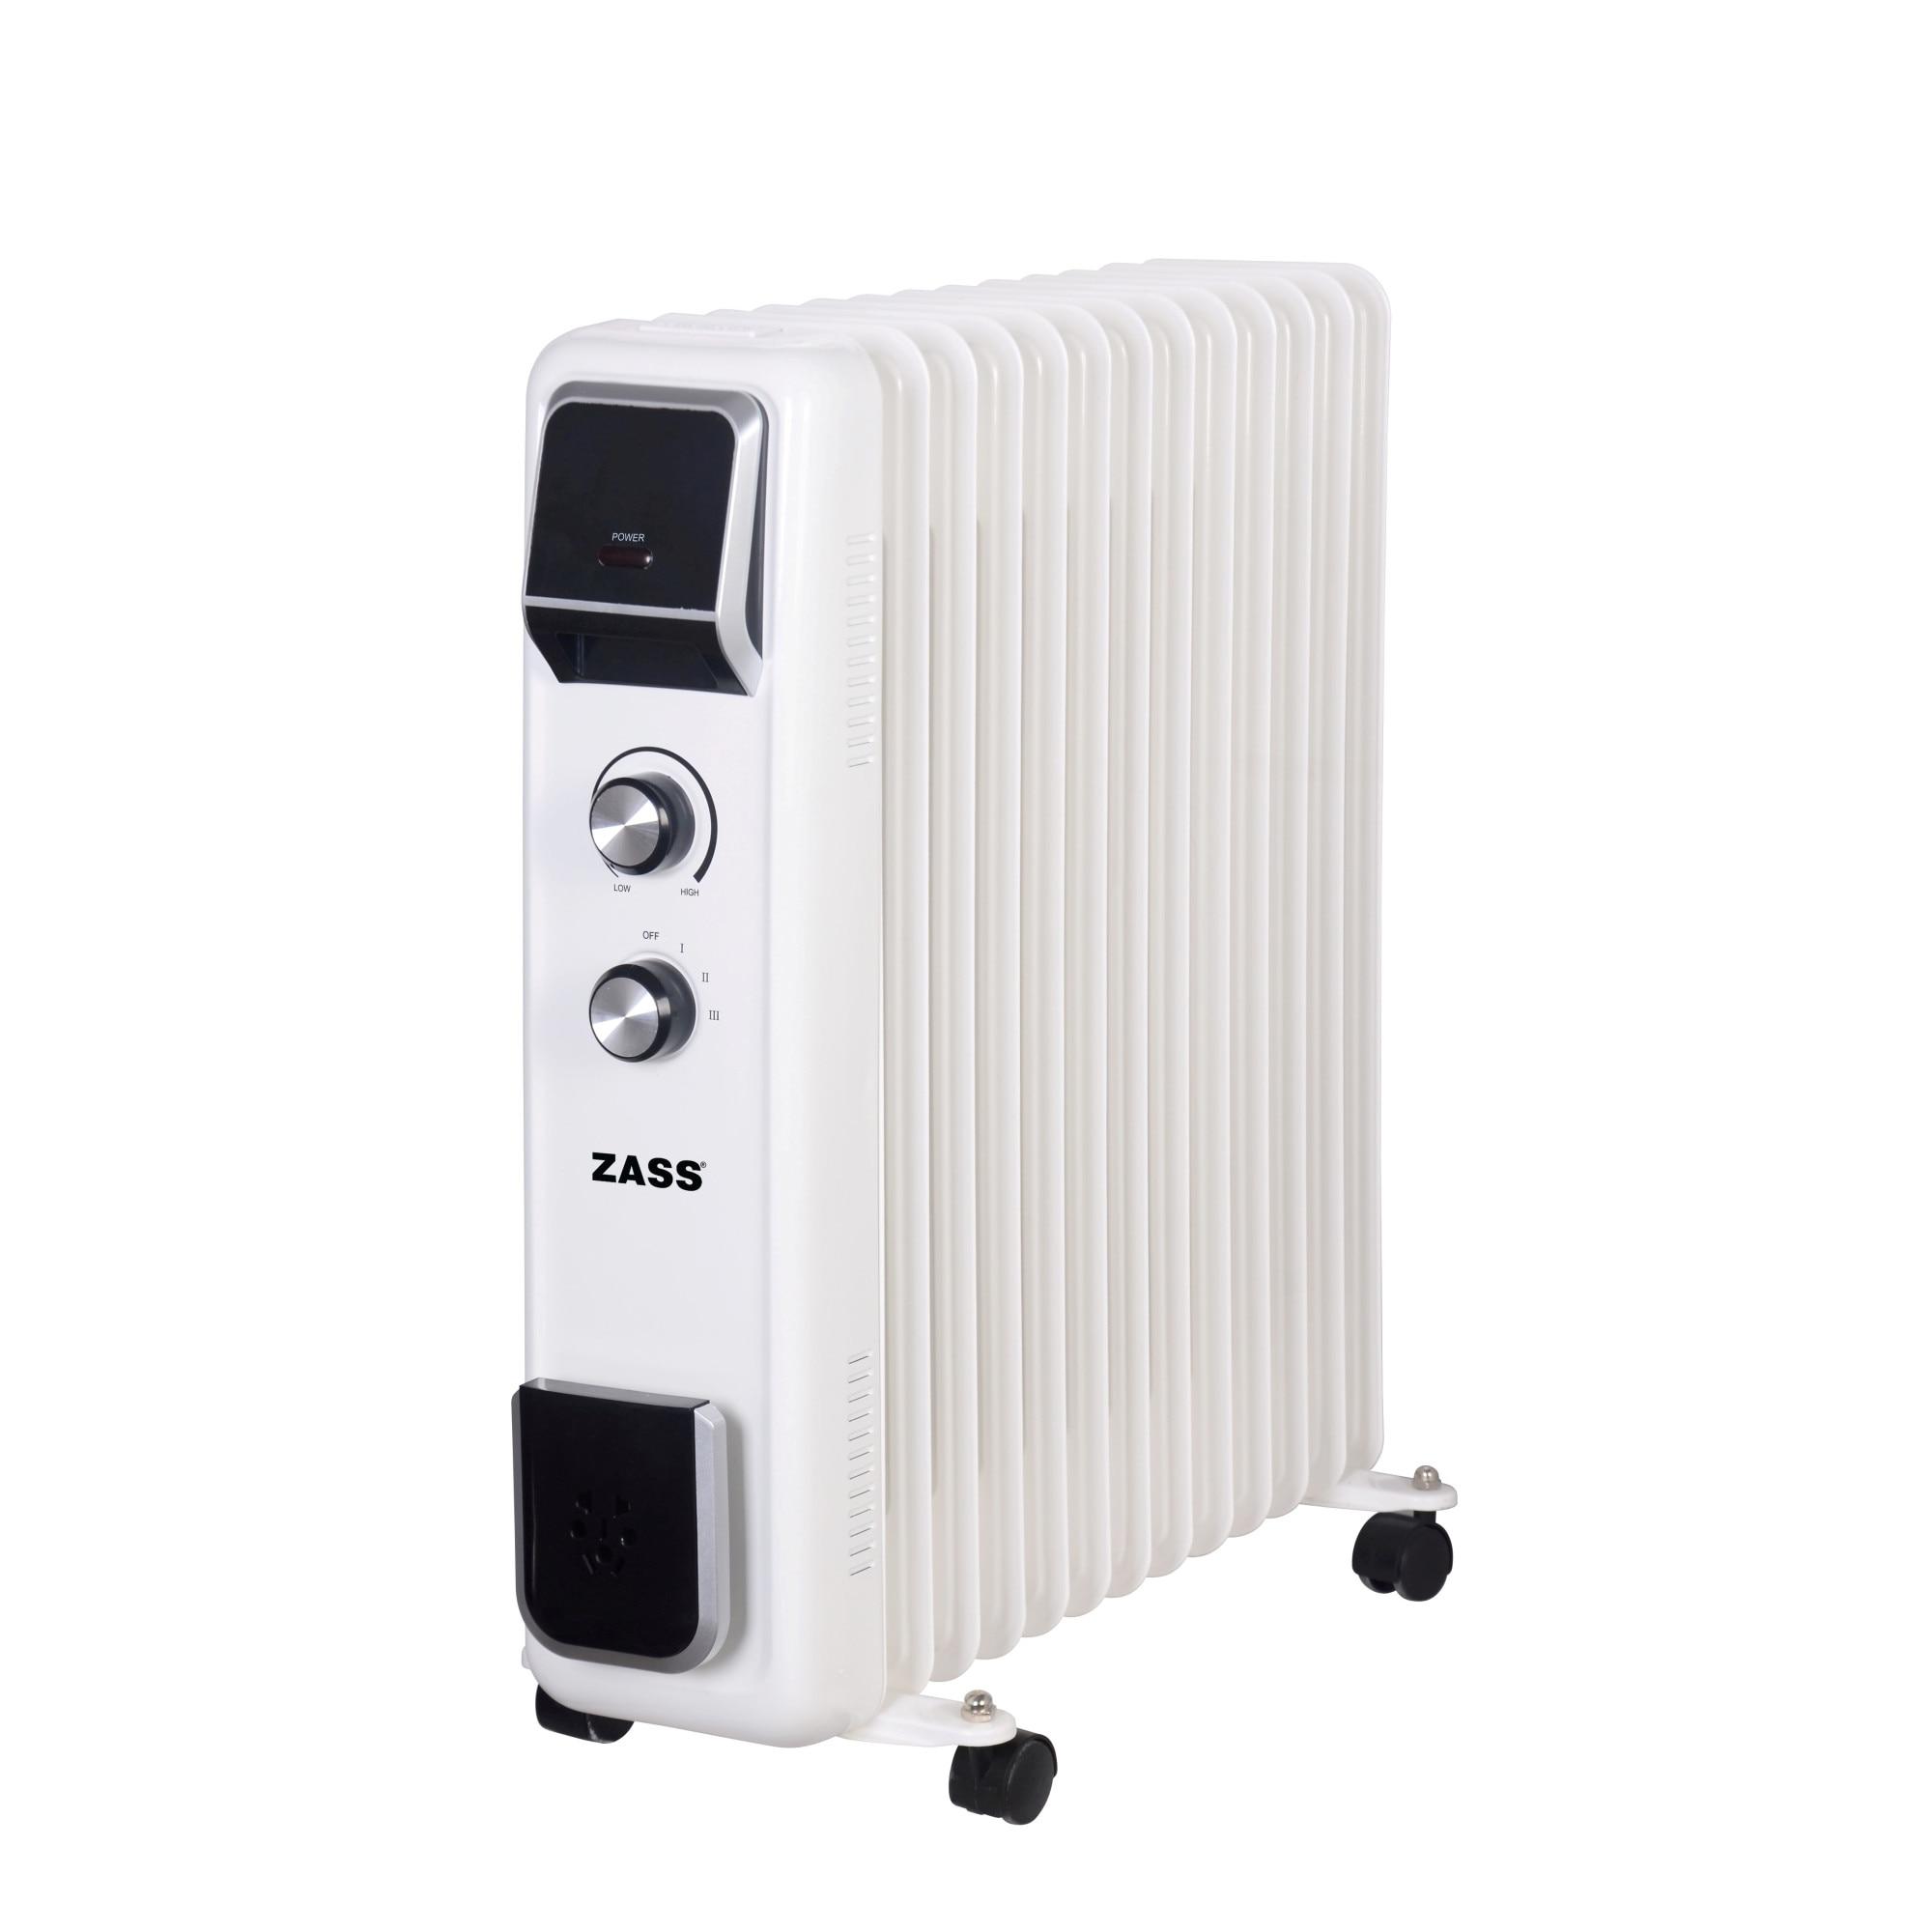 Fotografie Calorifer electric cu ulei Zass ZR 13 E, 2600 W, 13 elementi, termostat reglabil, protectie la supraincalzire